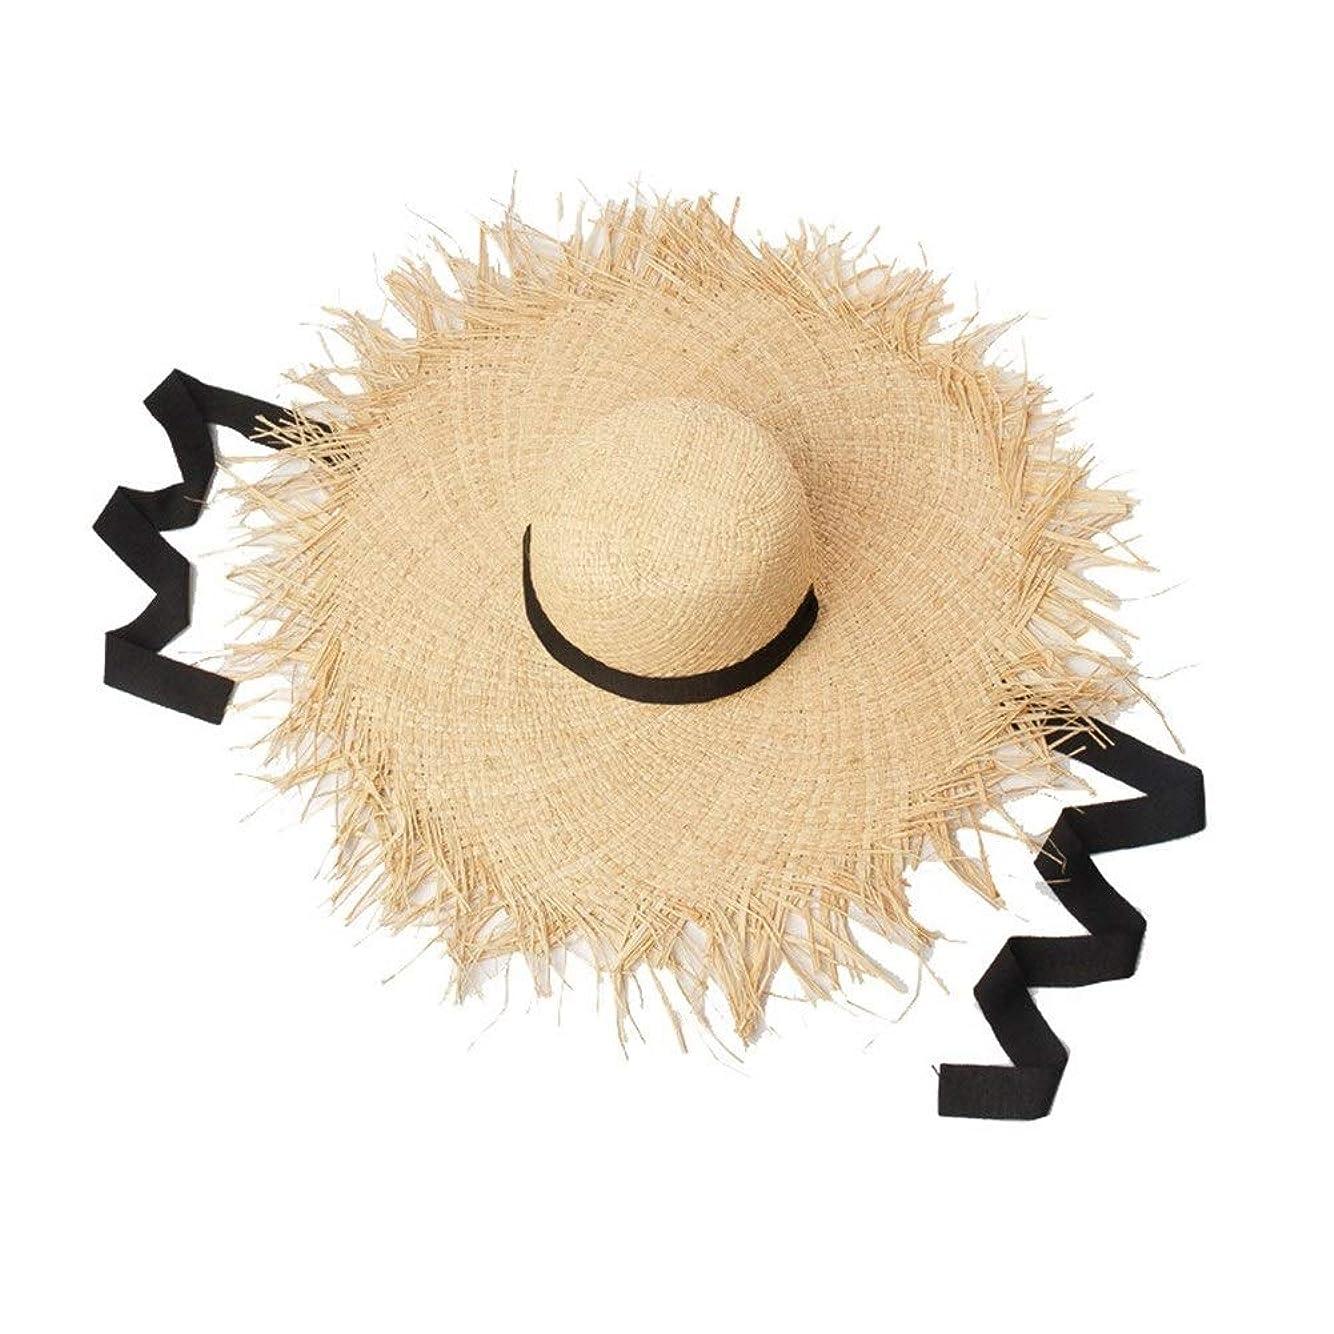 責任者薄いですパッチストラップ付き春と夏の手作りドームエッジ仕上げラフィットビッグハット屋外サンシェードビーチラフィット麦わら帽子